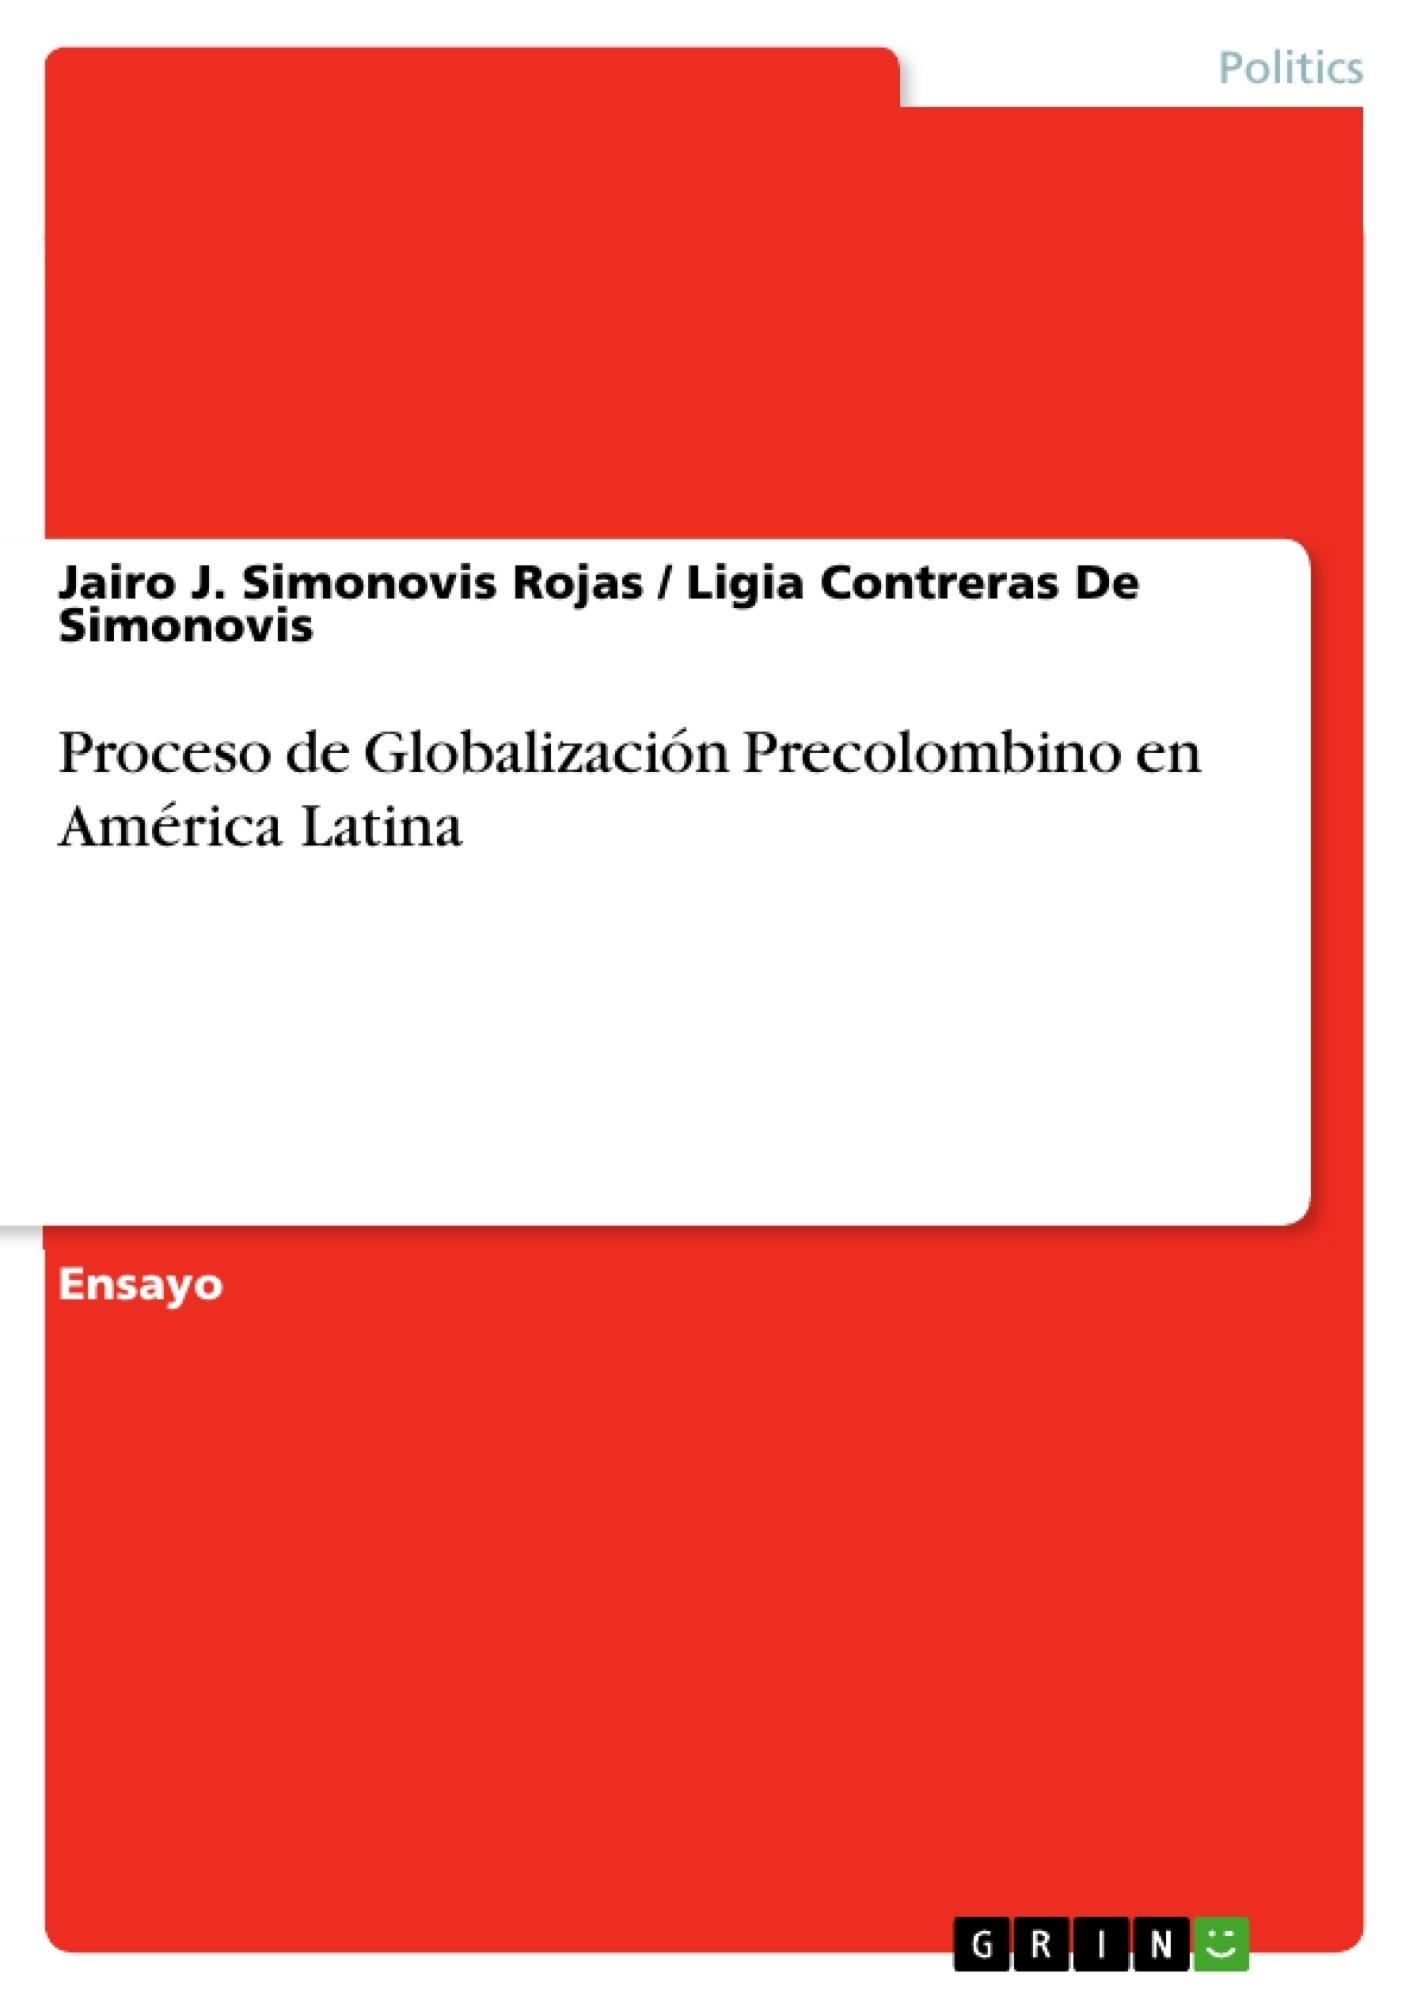 Proceso de Globalización Precolombino en América Latina | Publique ...